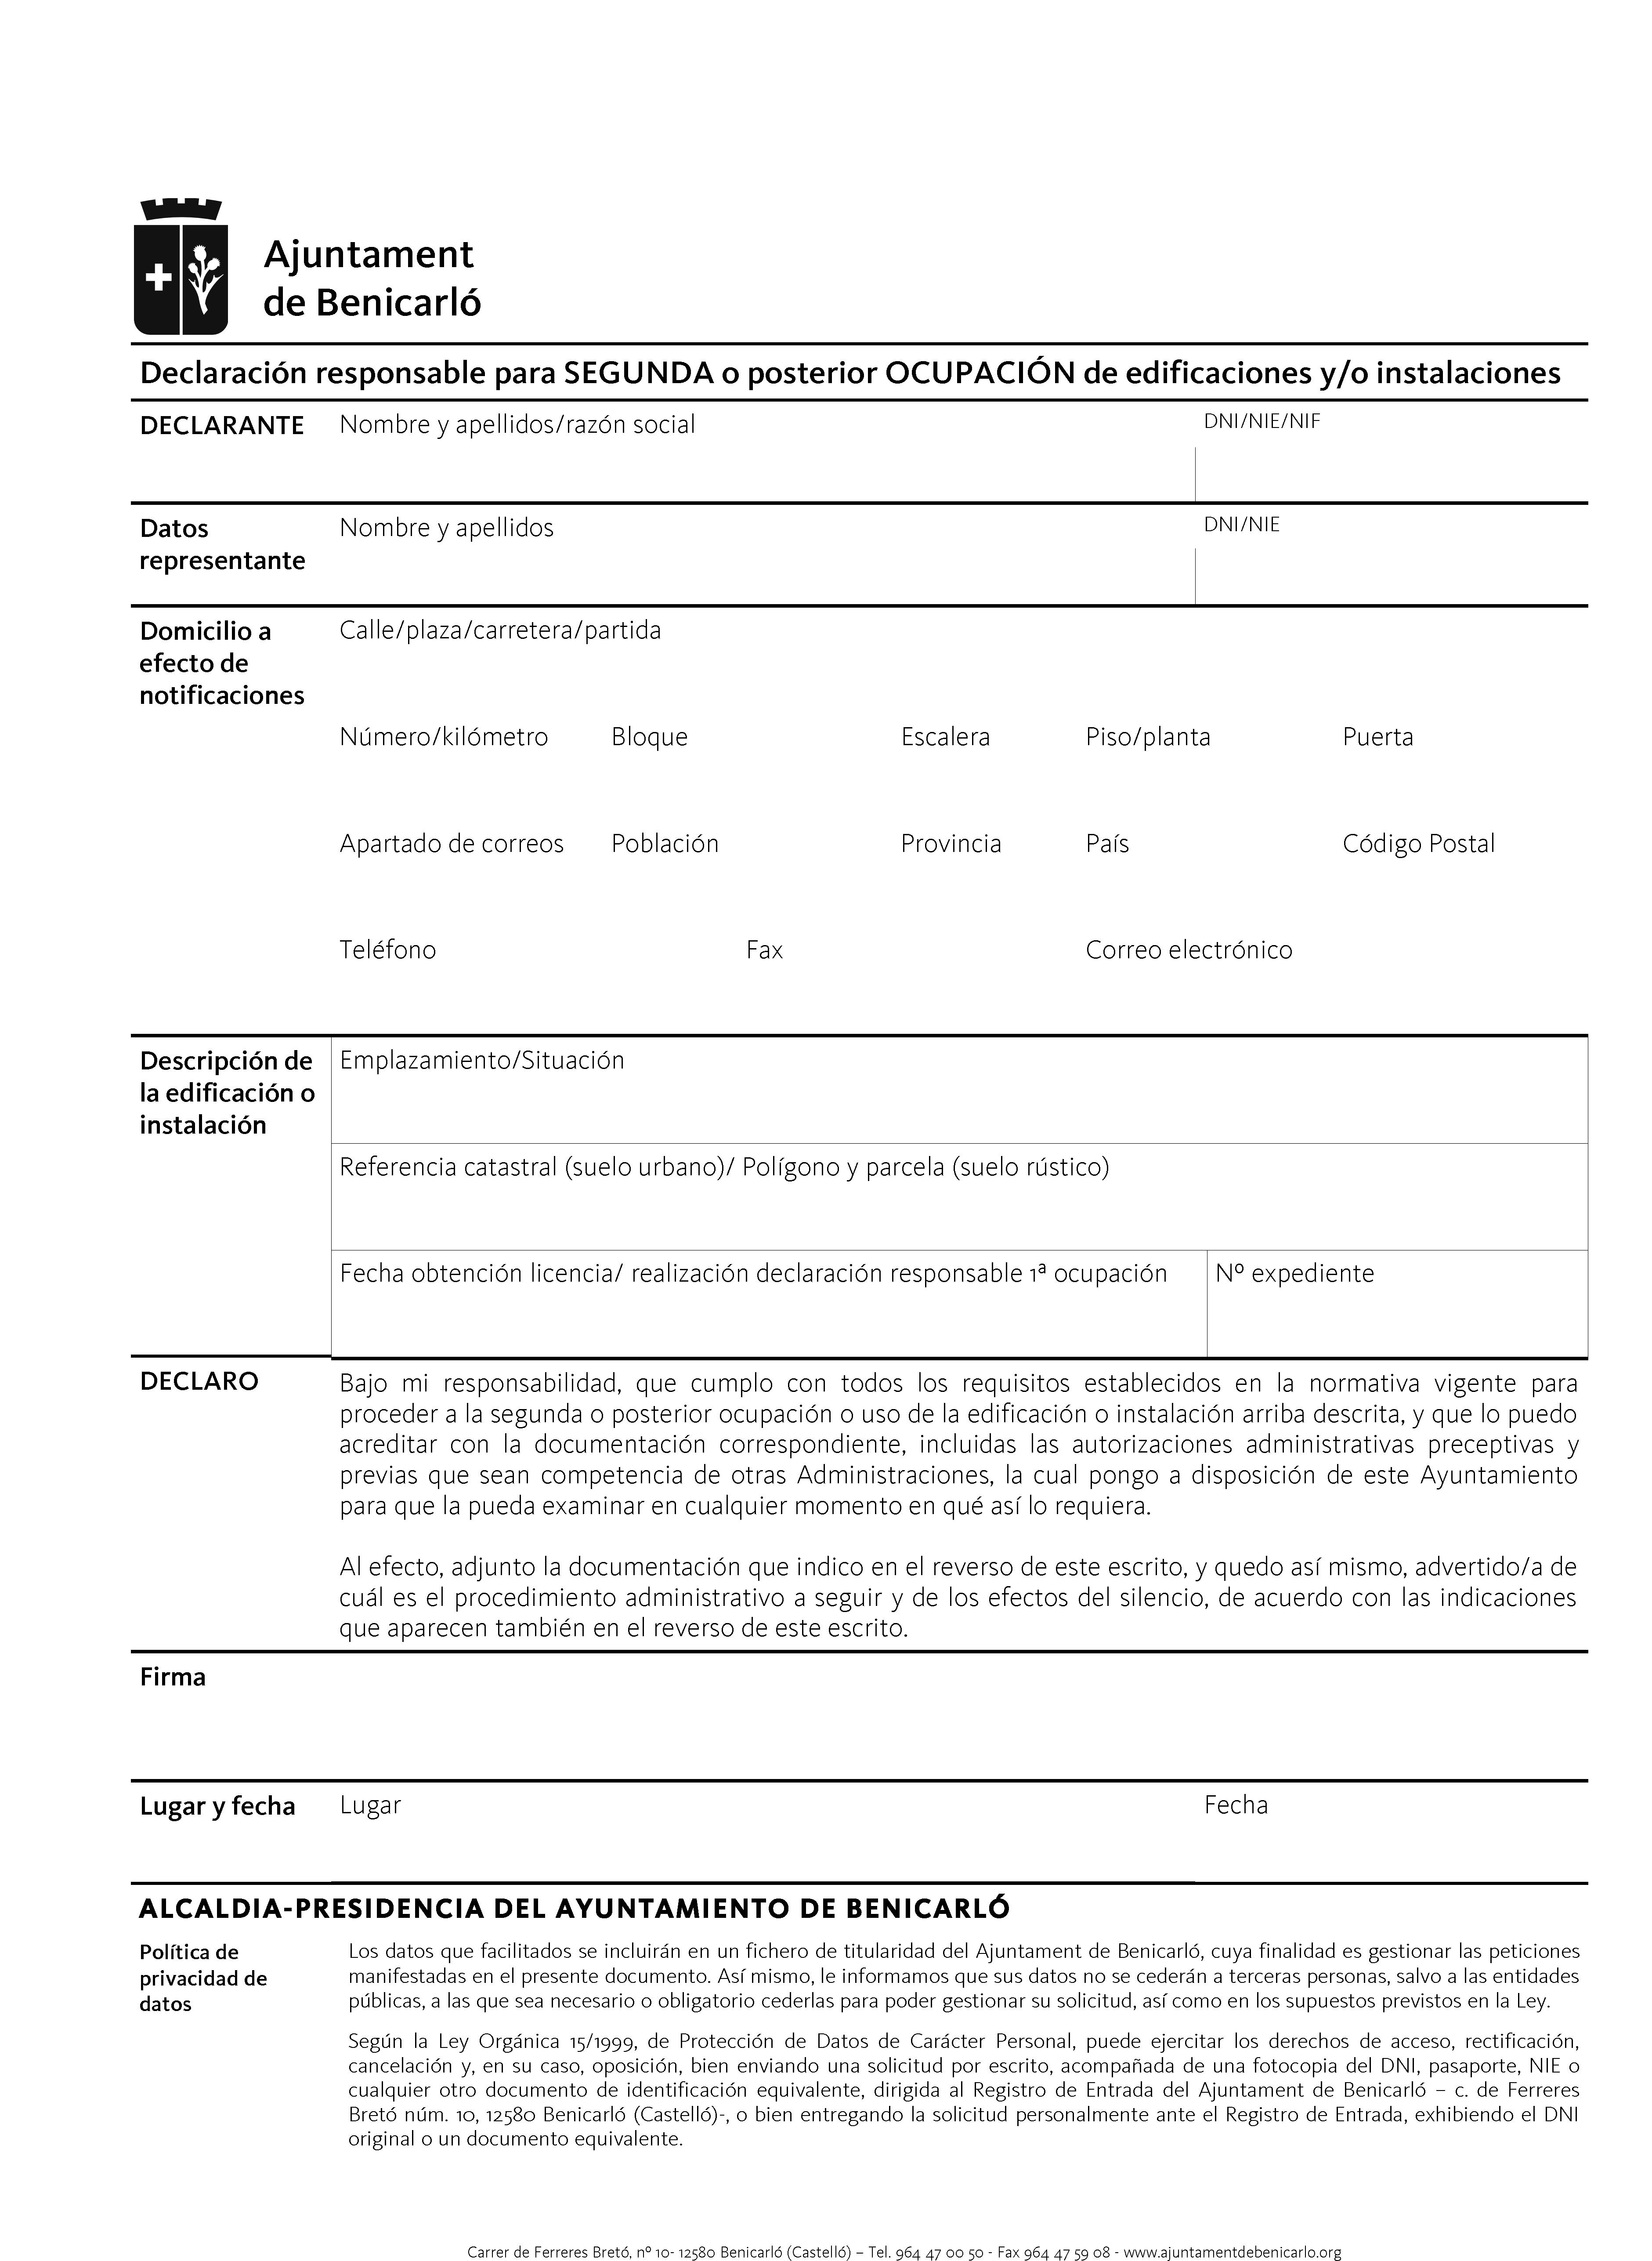 Impreso Declaración Responsable Segunda Ocupación Benicarló